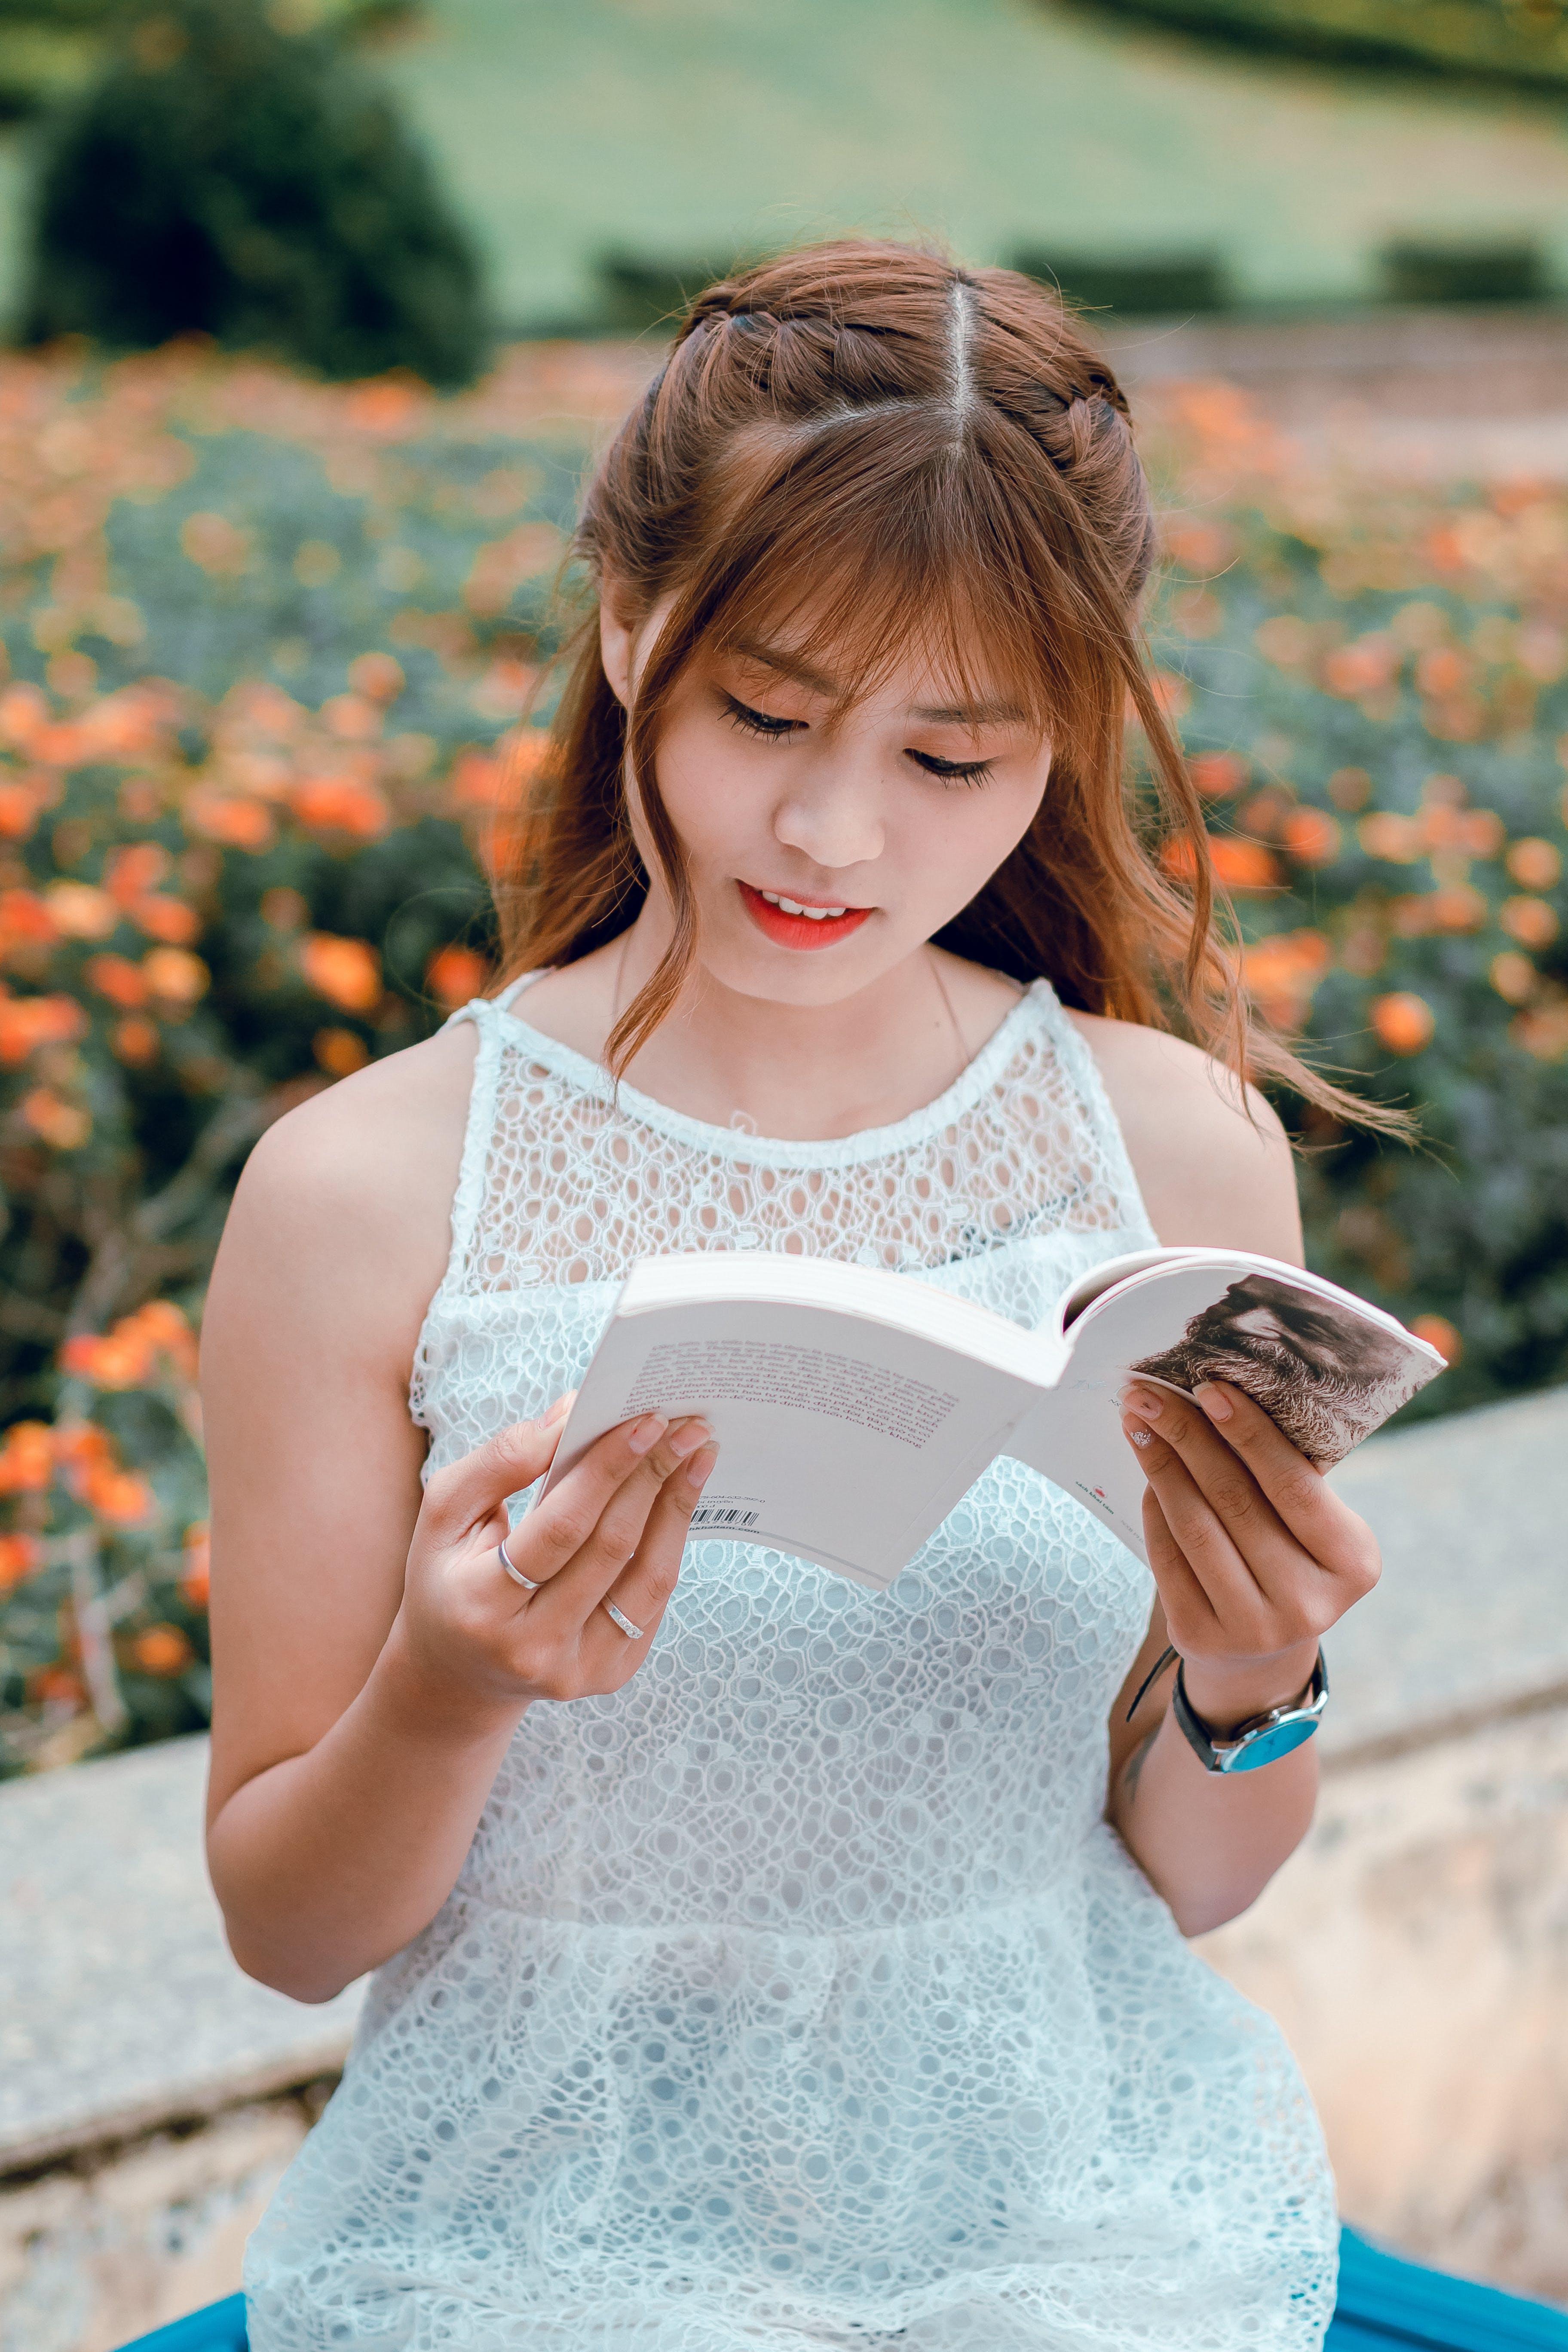 Δωρεάν στοκ φωτογραφιών με ανάγνωση, άνθρωπος, αξιολάτρευτος, ασιατικό κορίτσι